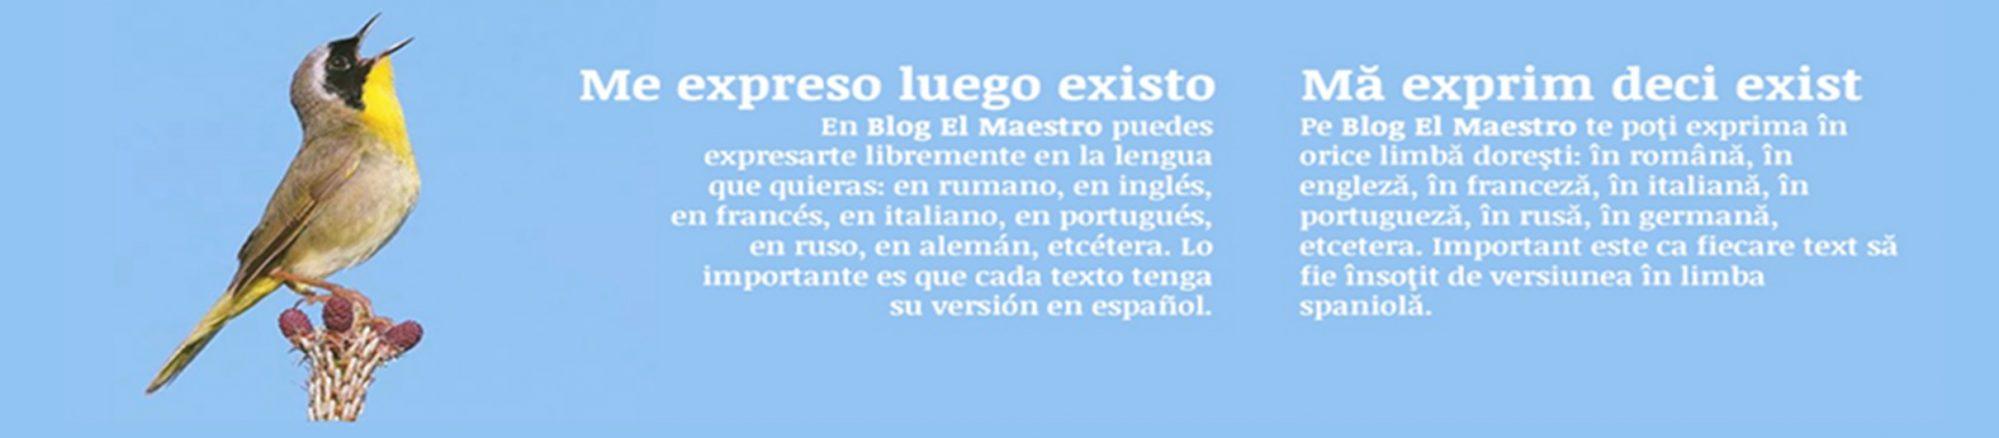 Blog El Maestro®